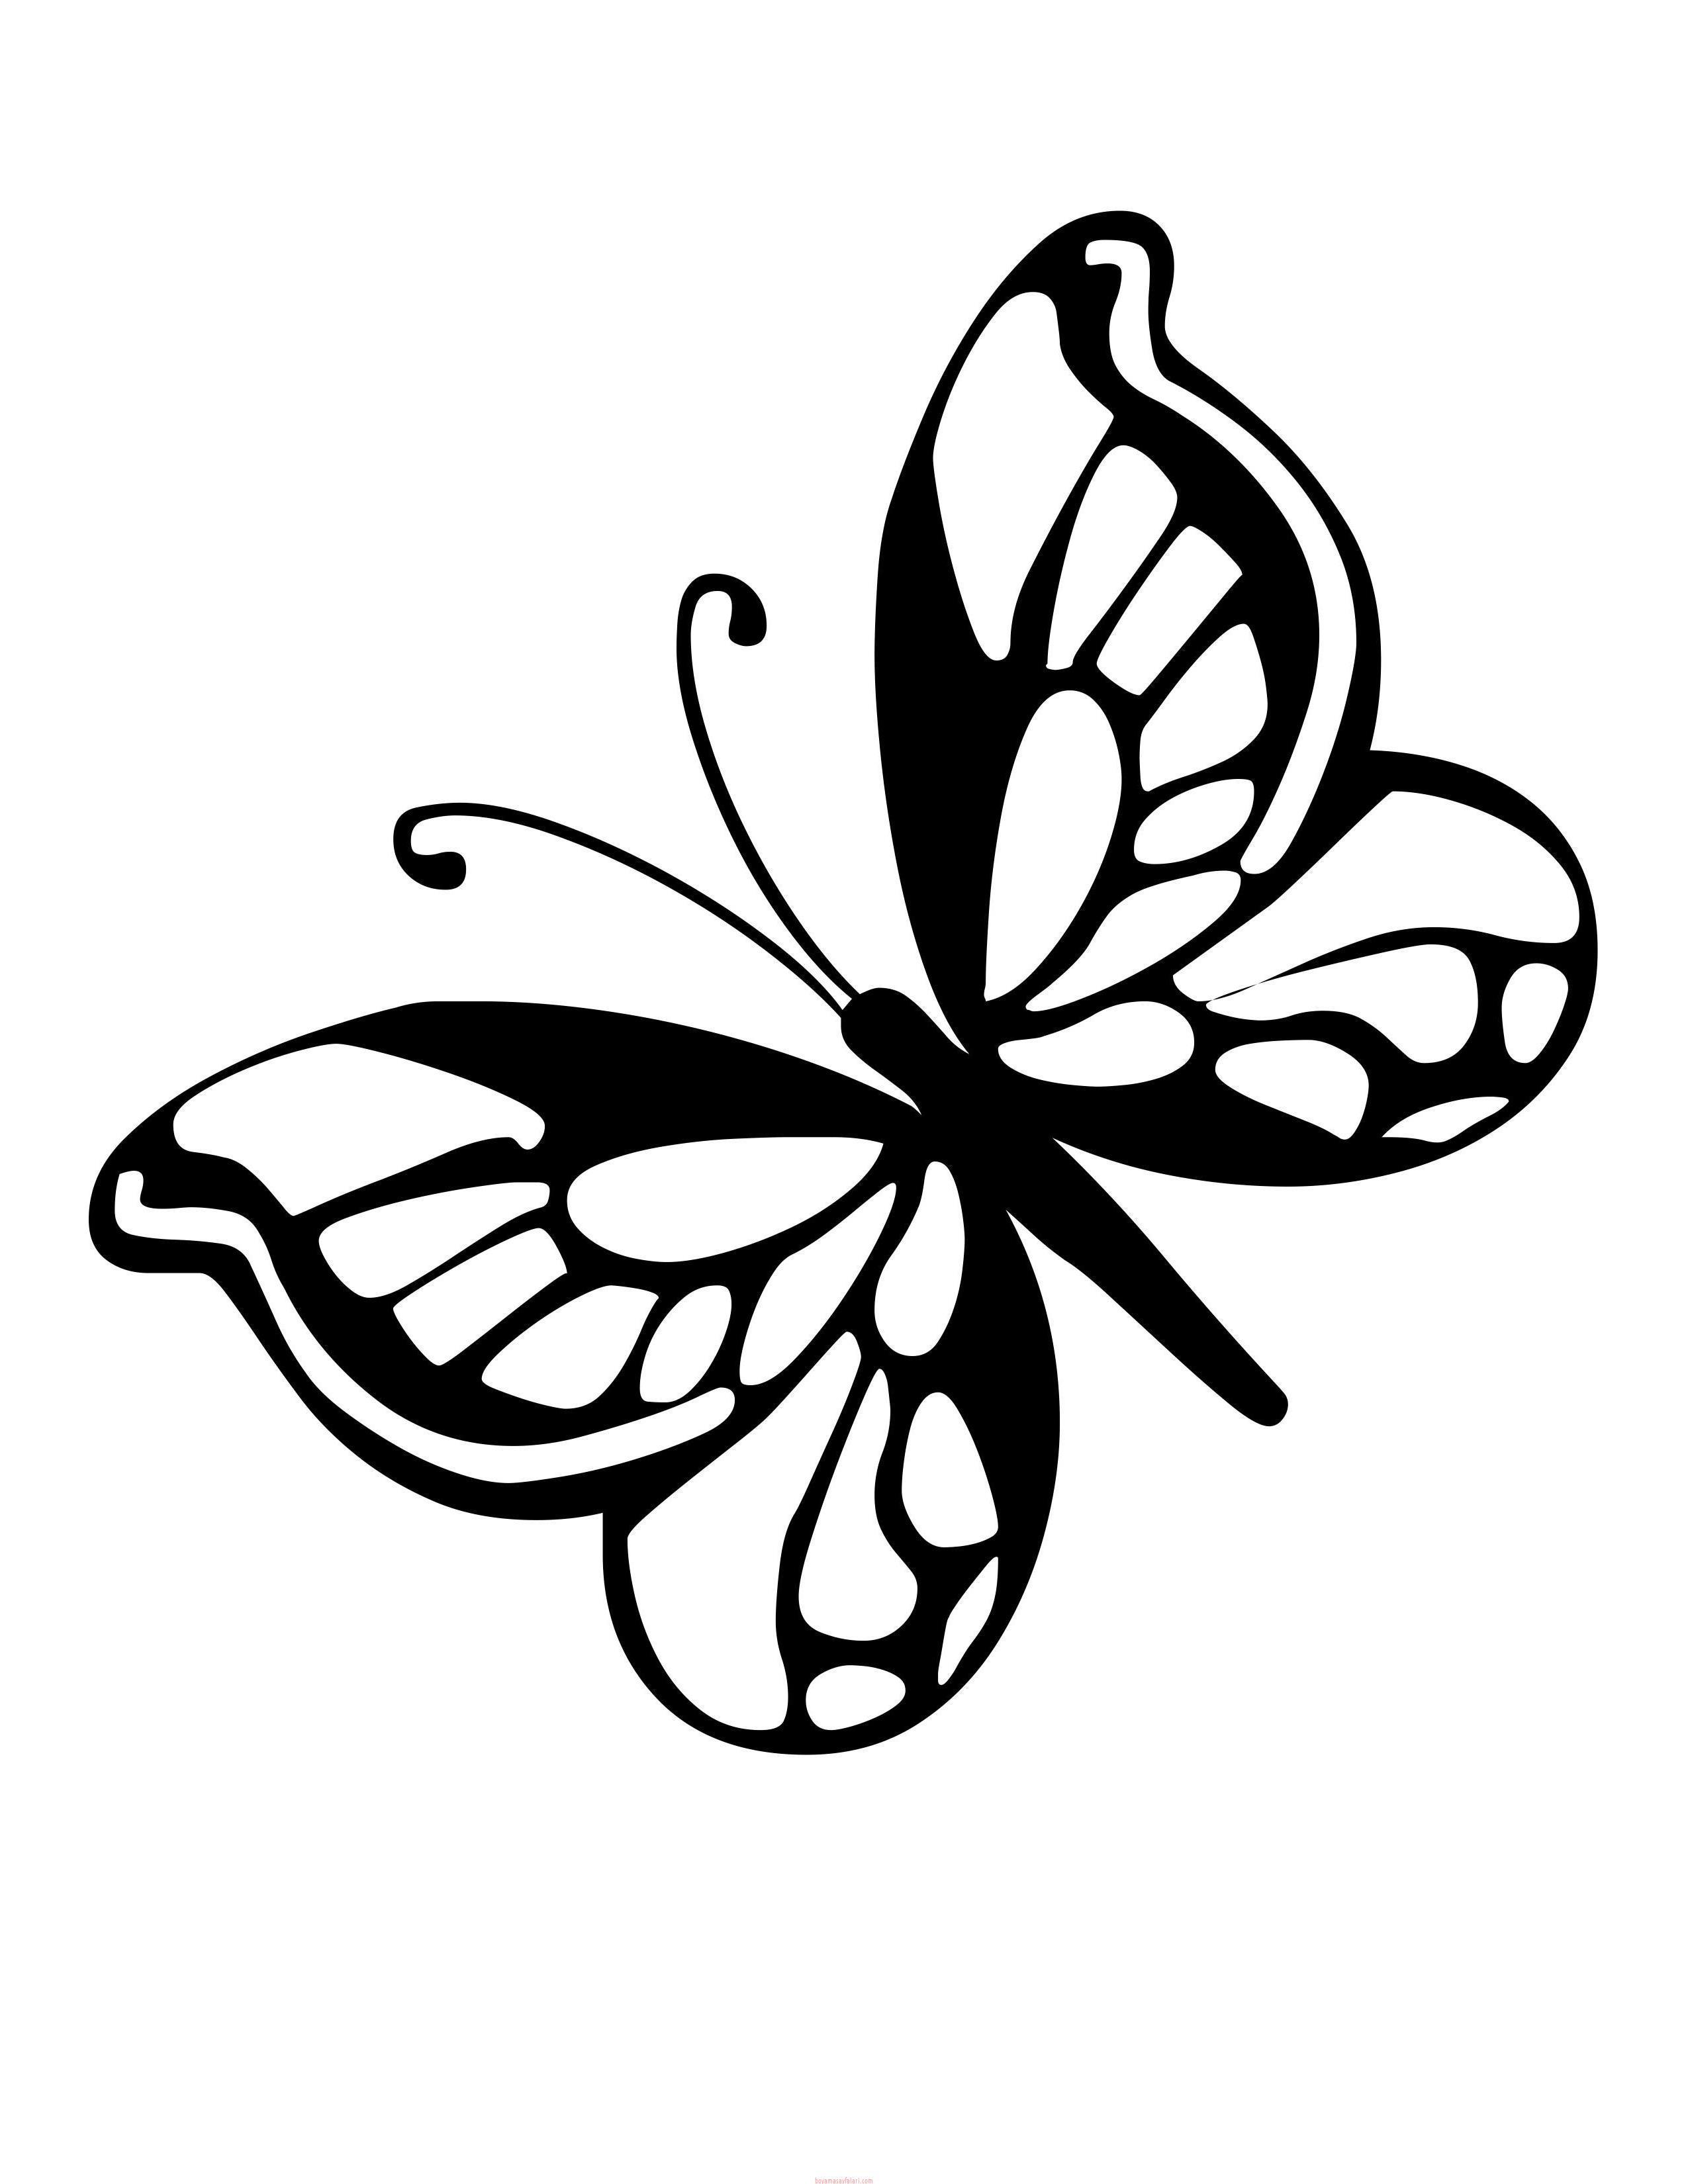 Kelebek Sablonlari 5 Sinif Ogretmenleri Icin Ucretsiz Ozgun